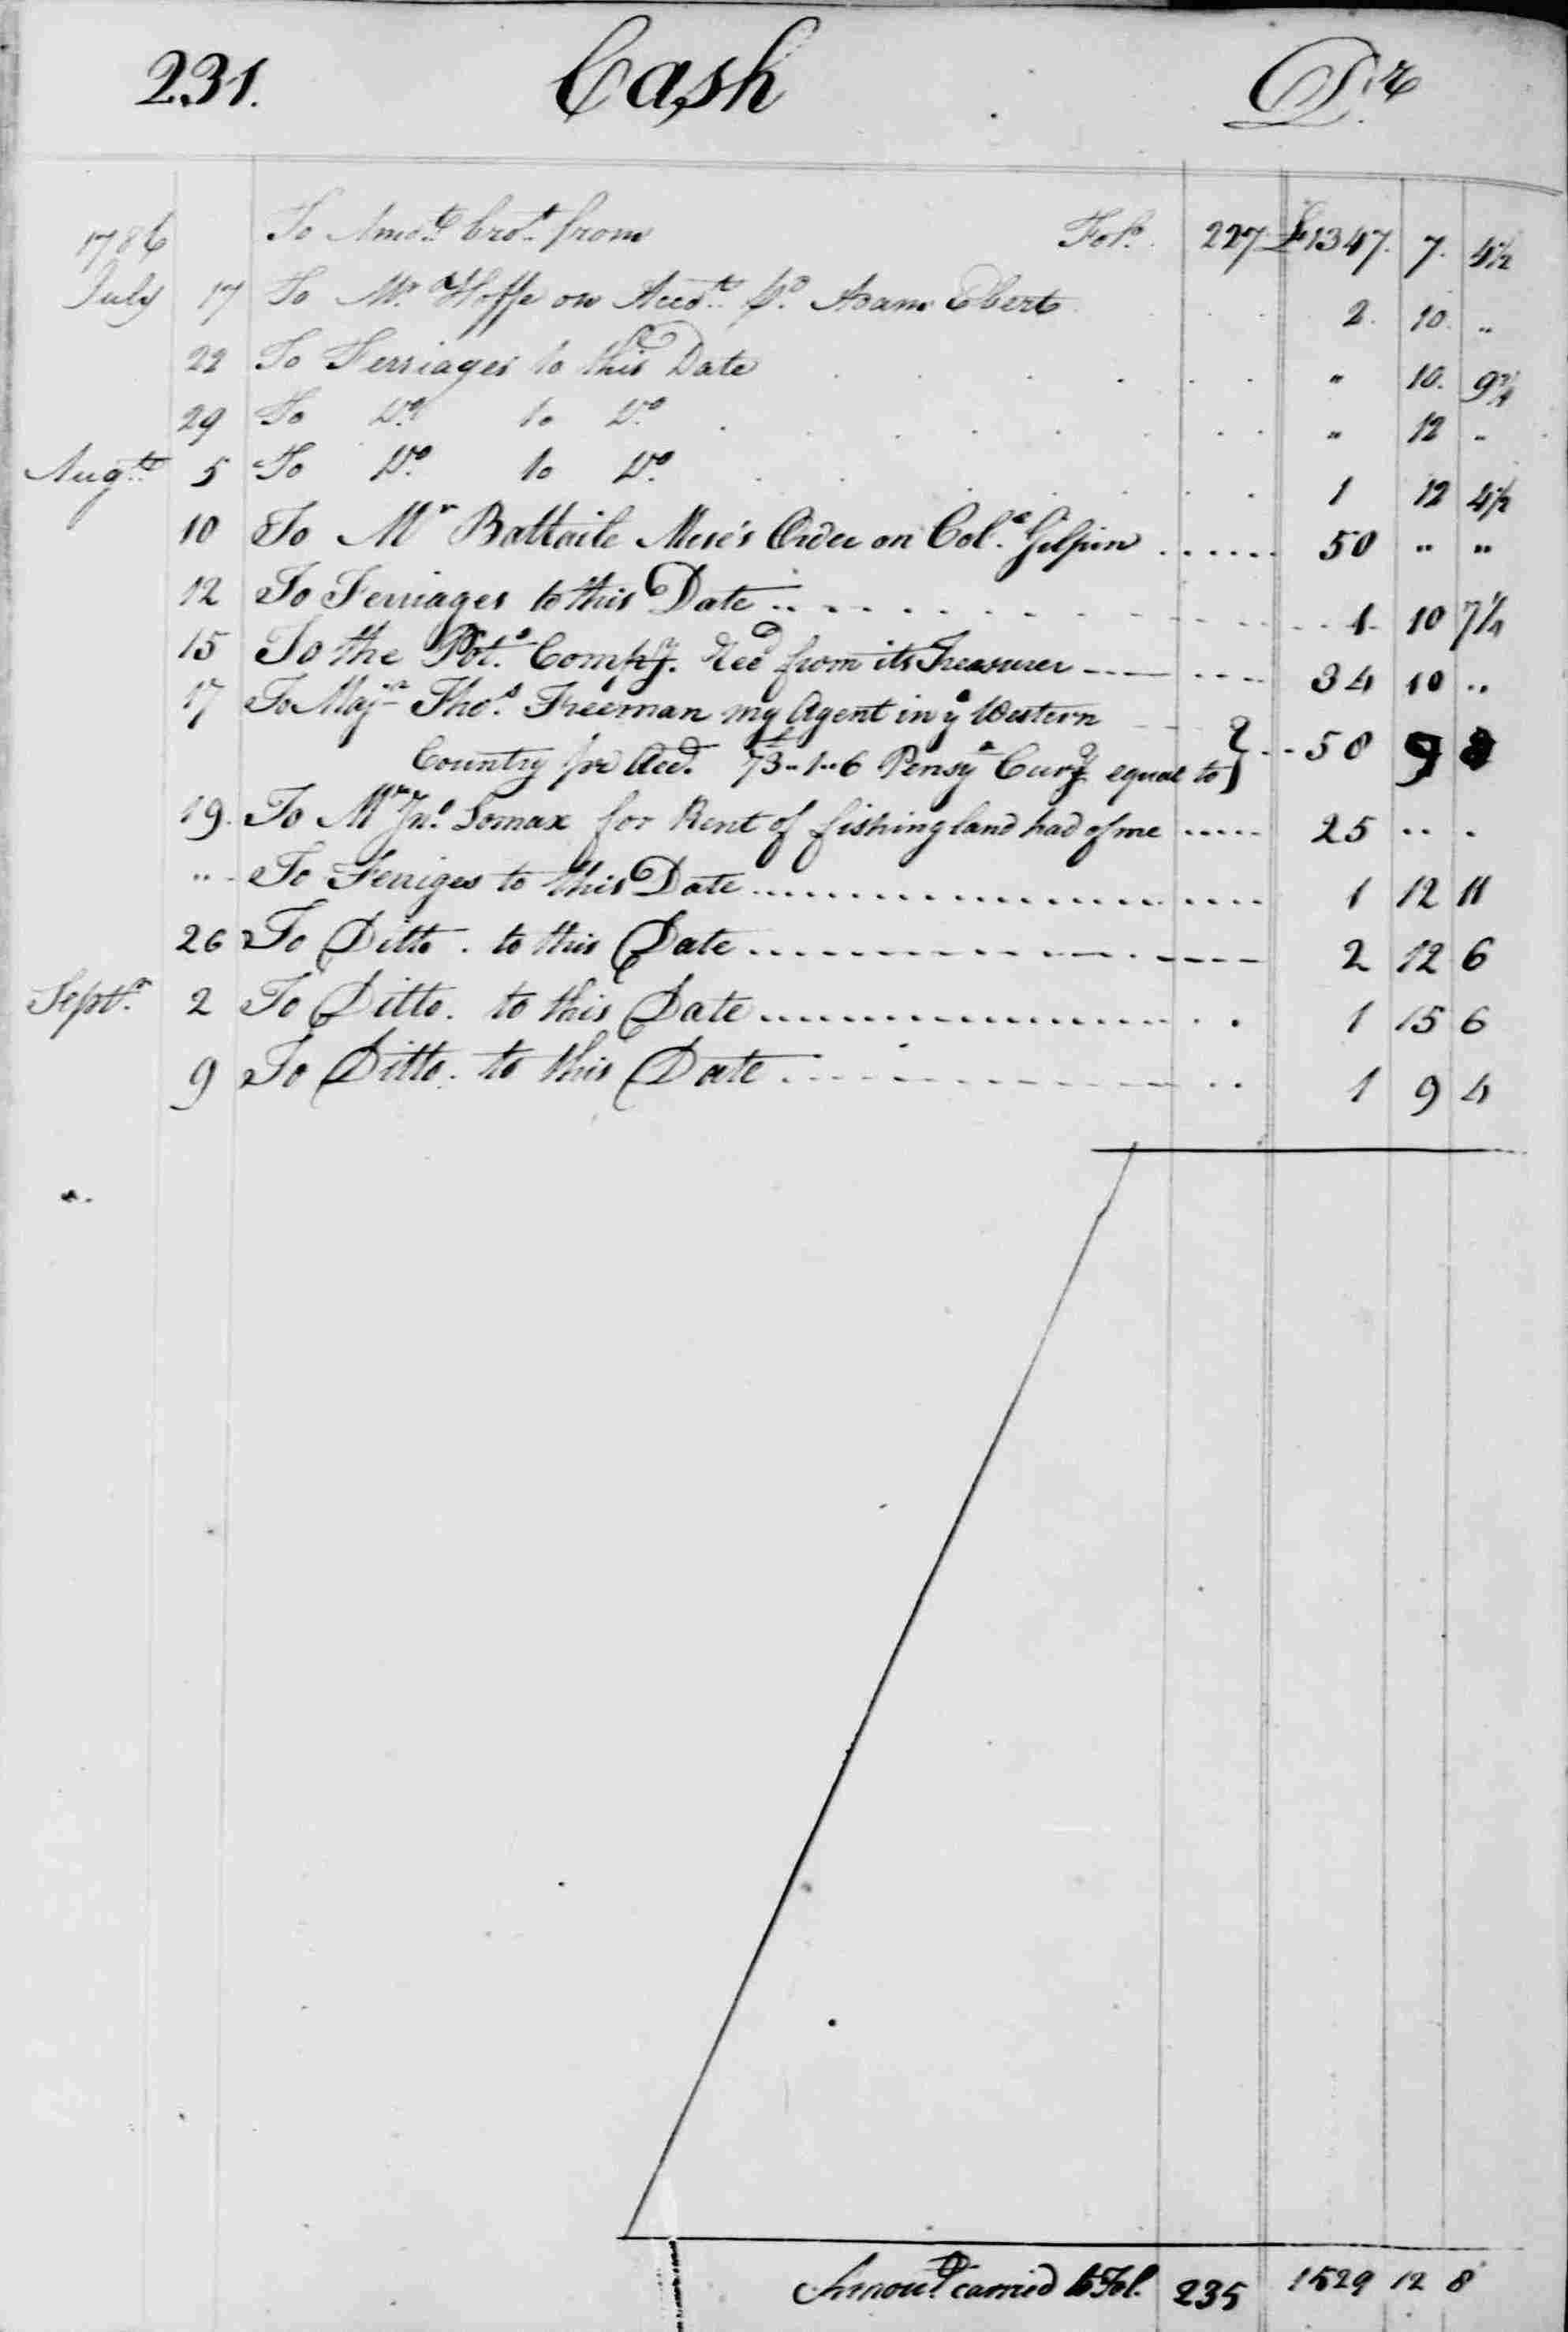 Ledger B, folio 231, left side